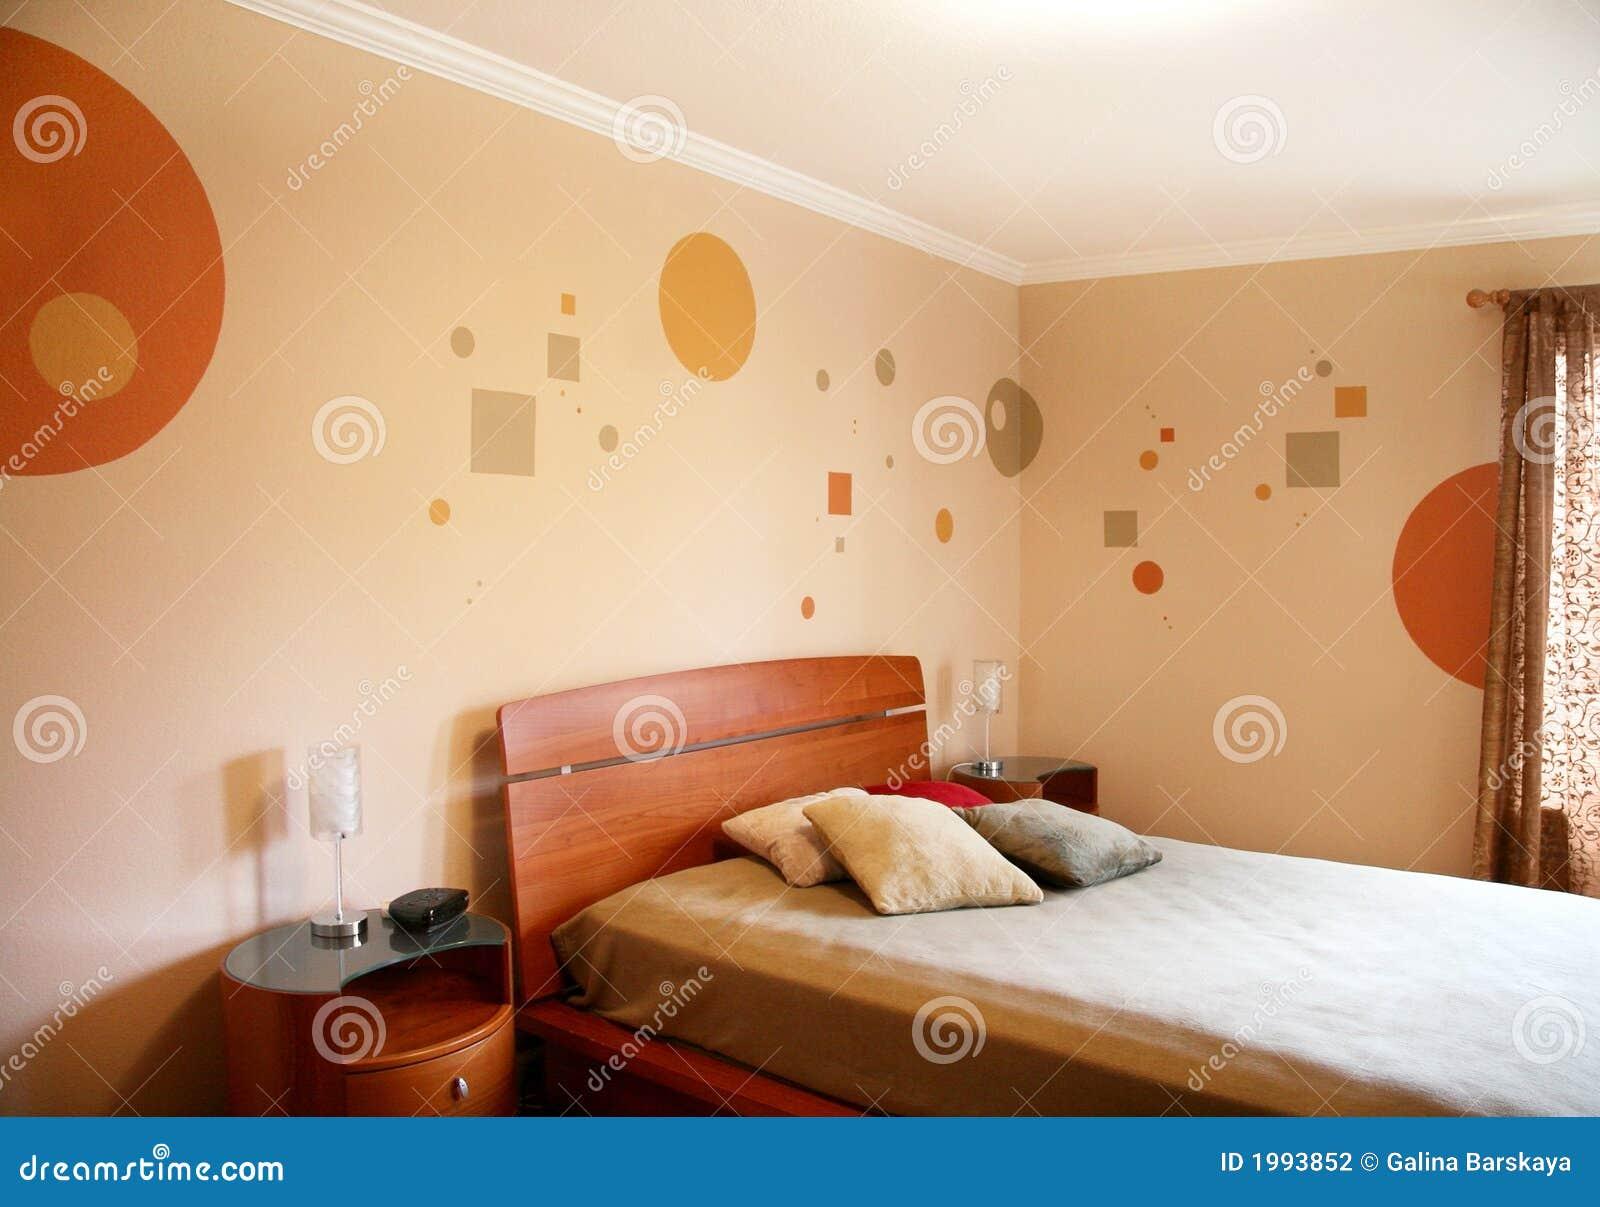 Disegno in camera da letto moderna fotografia stock - Disegni per pareti camera da letto ...